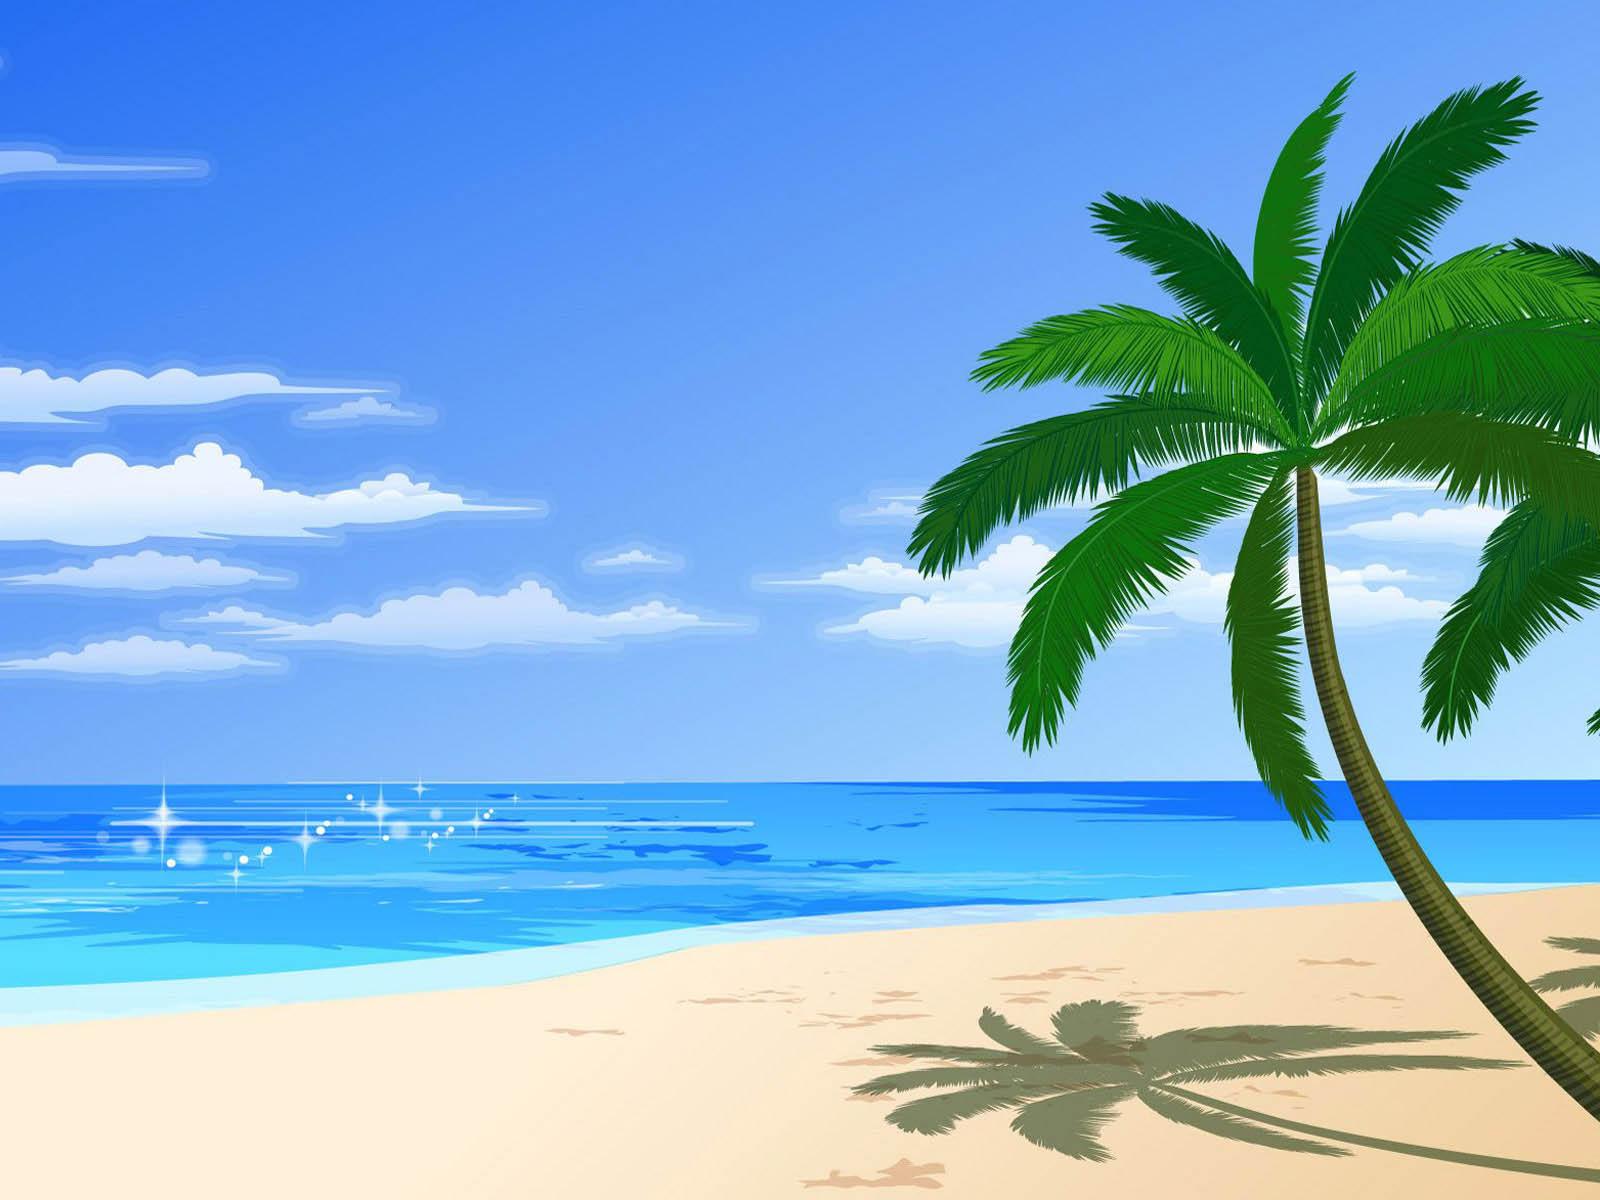 Free beach clip art.